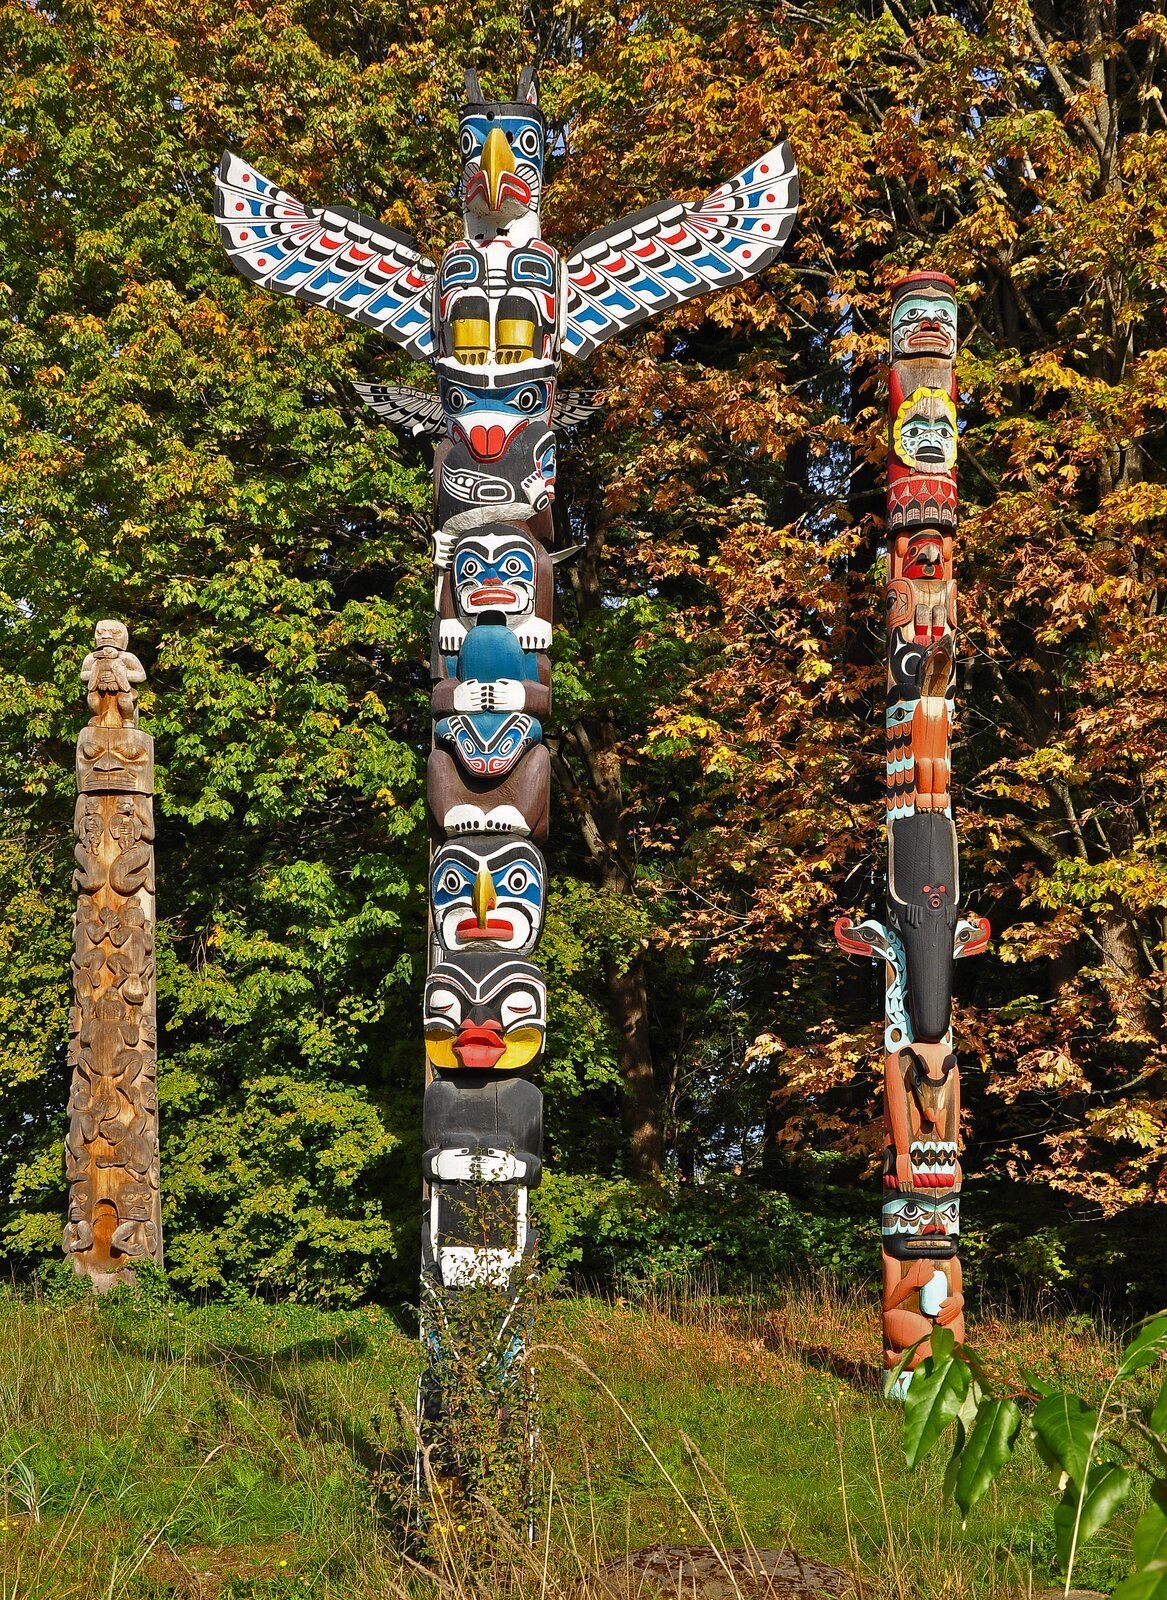 Ilustracja przedstawia wysoki drewniany słup, który jest ozdobiony kolorowymi, zdobionymi twarzami, które są ułożone kolejno od spodu. Na samym szczycie znajdują się orle skrzydła, nad którym ukazana jest pomalowany głowa orła. Wtle znajdują się dwa kolejne totemy (zdobione wpodobny sposób).